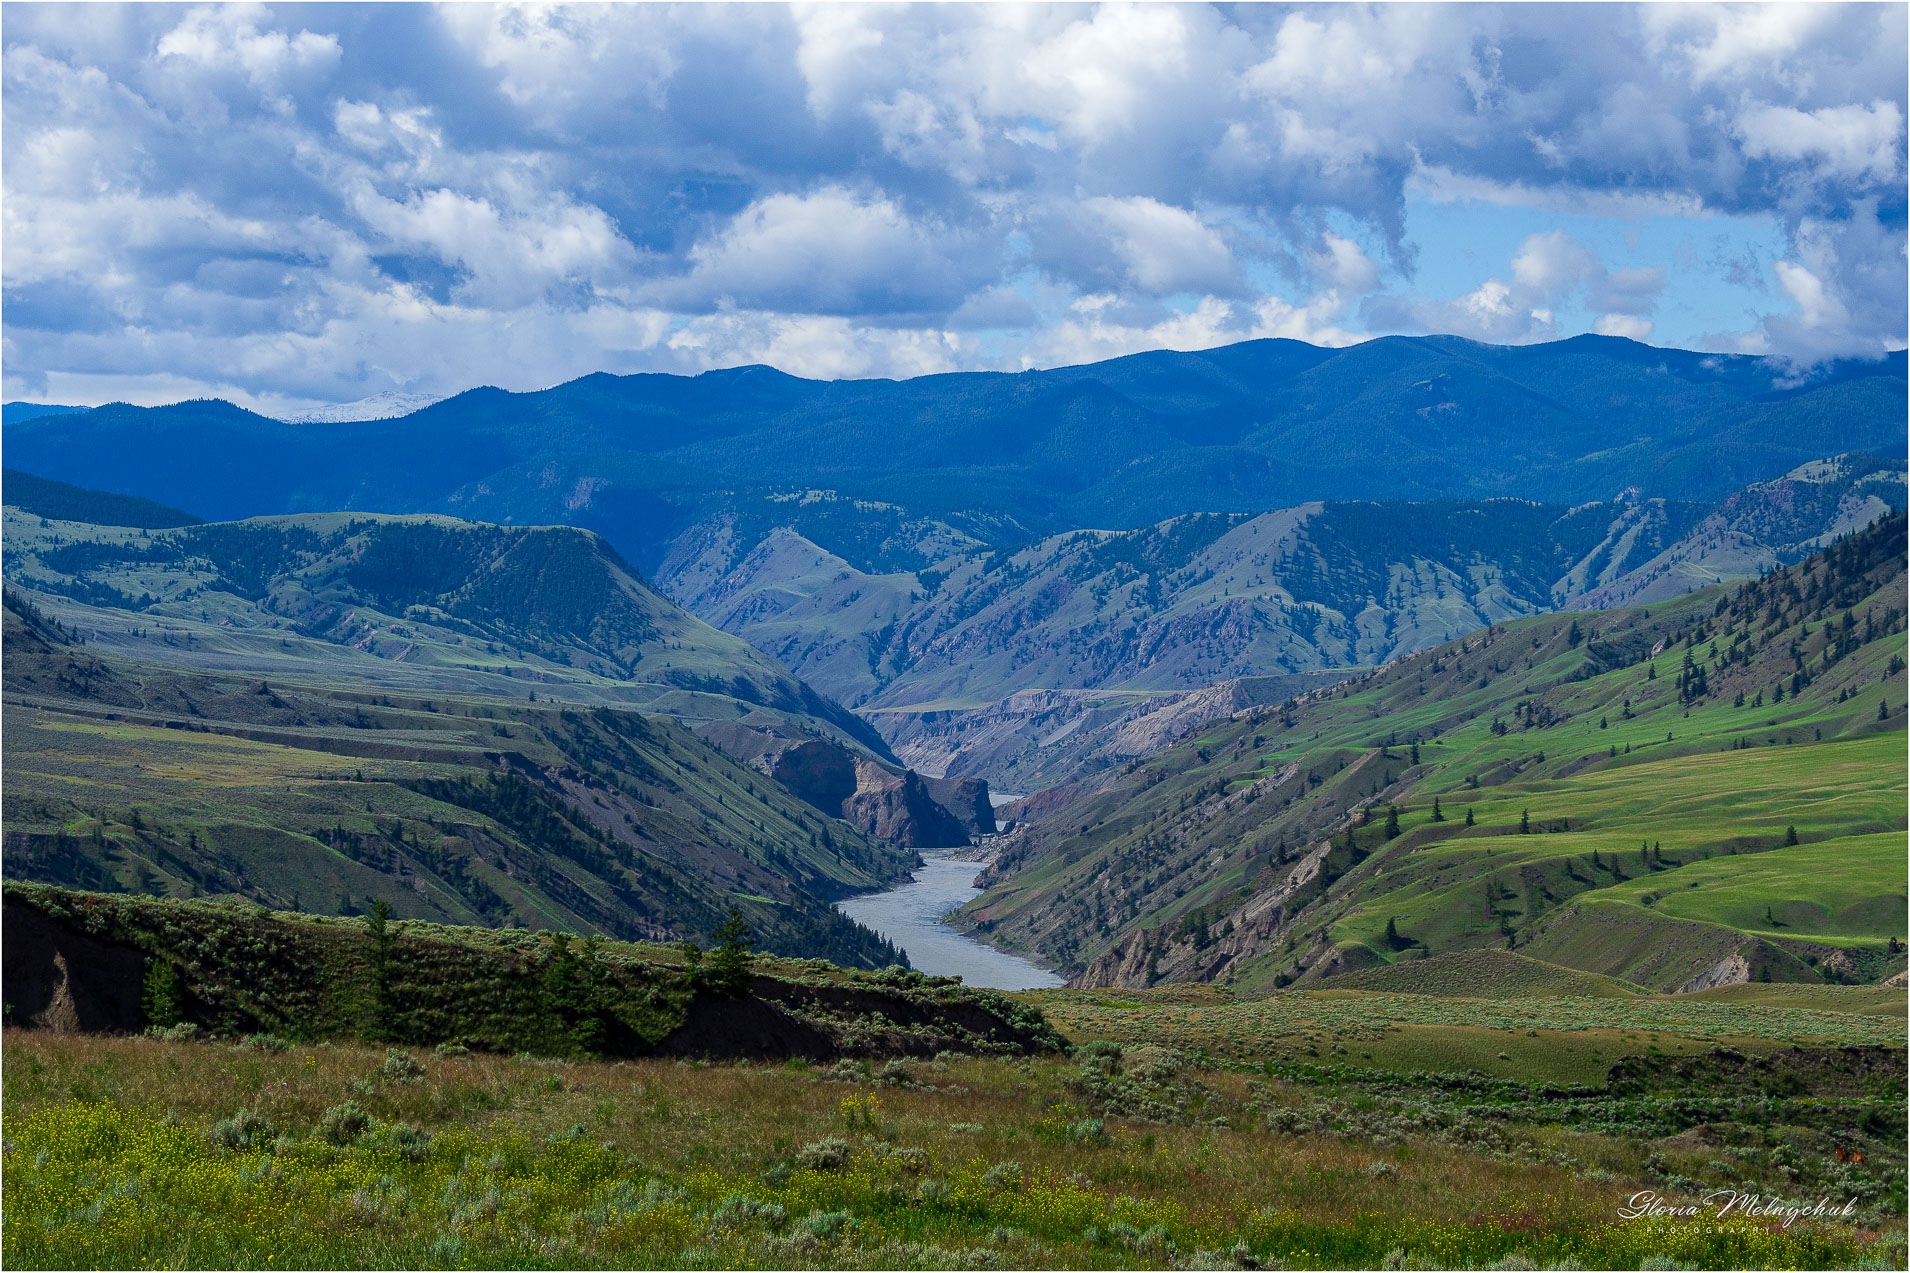 Grasslands and Fraser River - Gloria Melnychuk